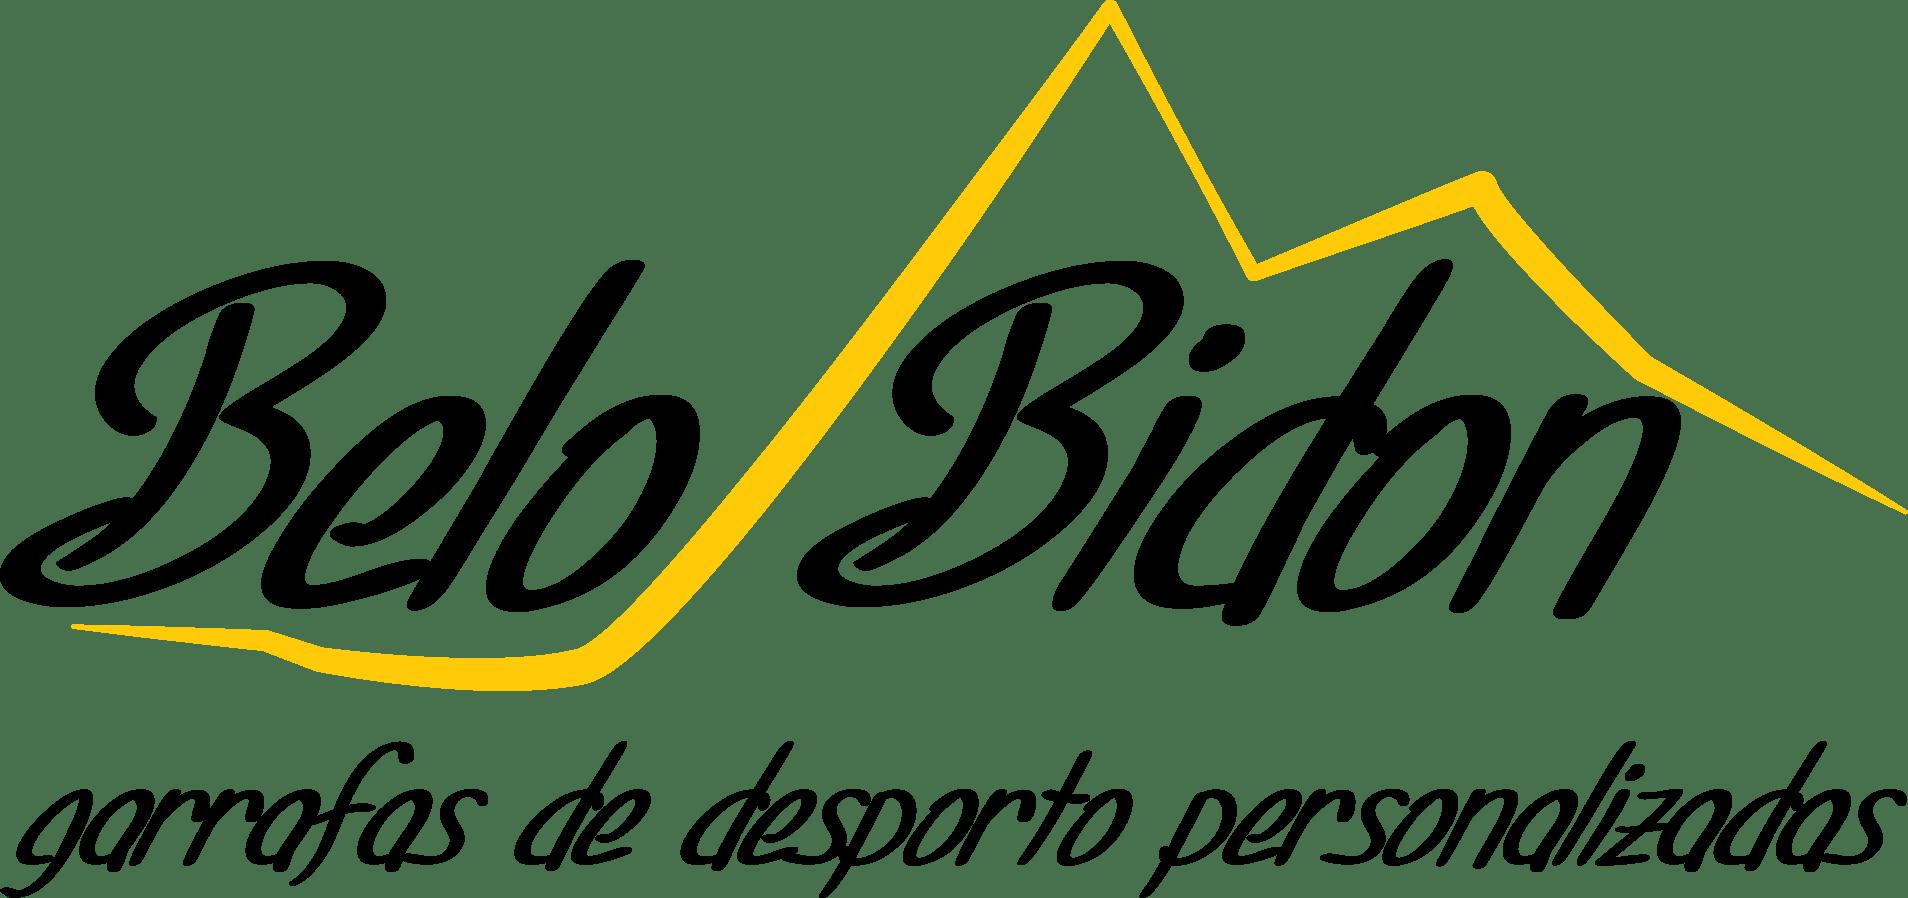 Belo Bidon